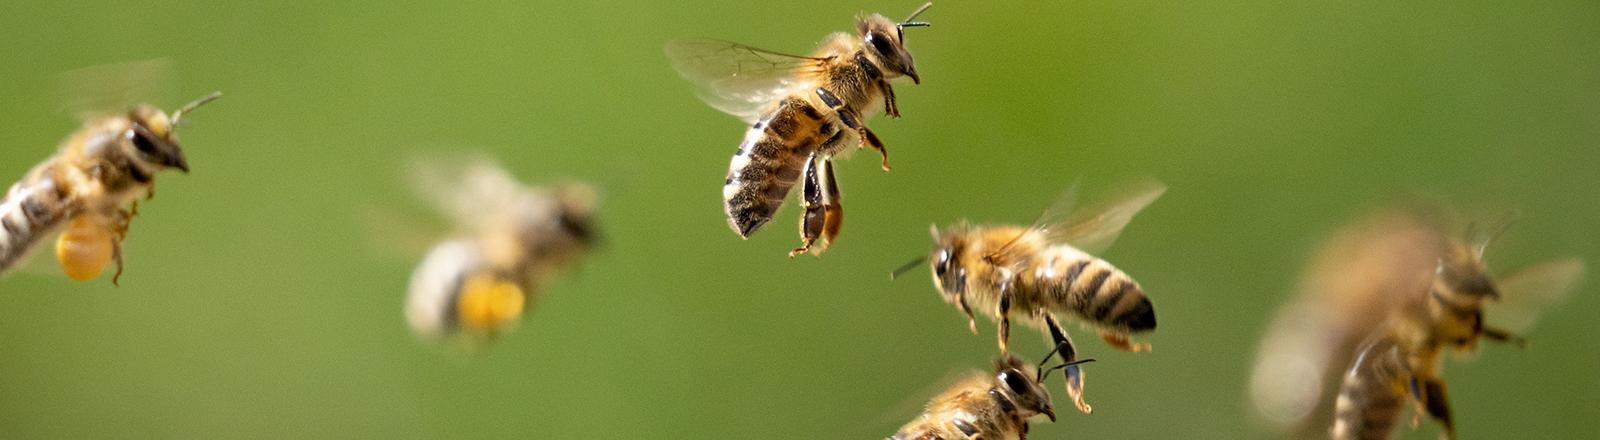 Mehrere Honigbienen fliegen durcheinander.